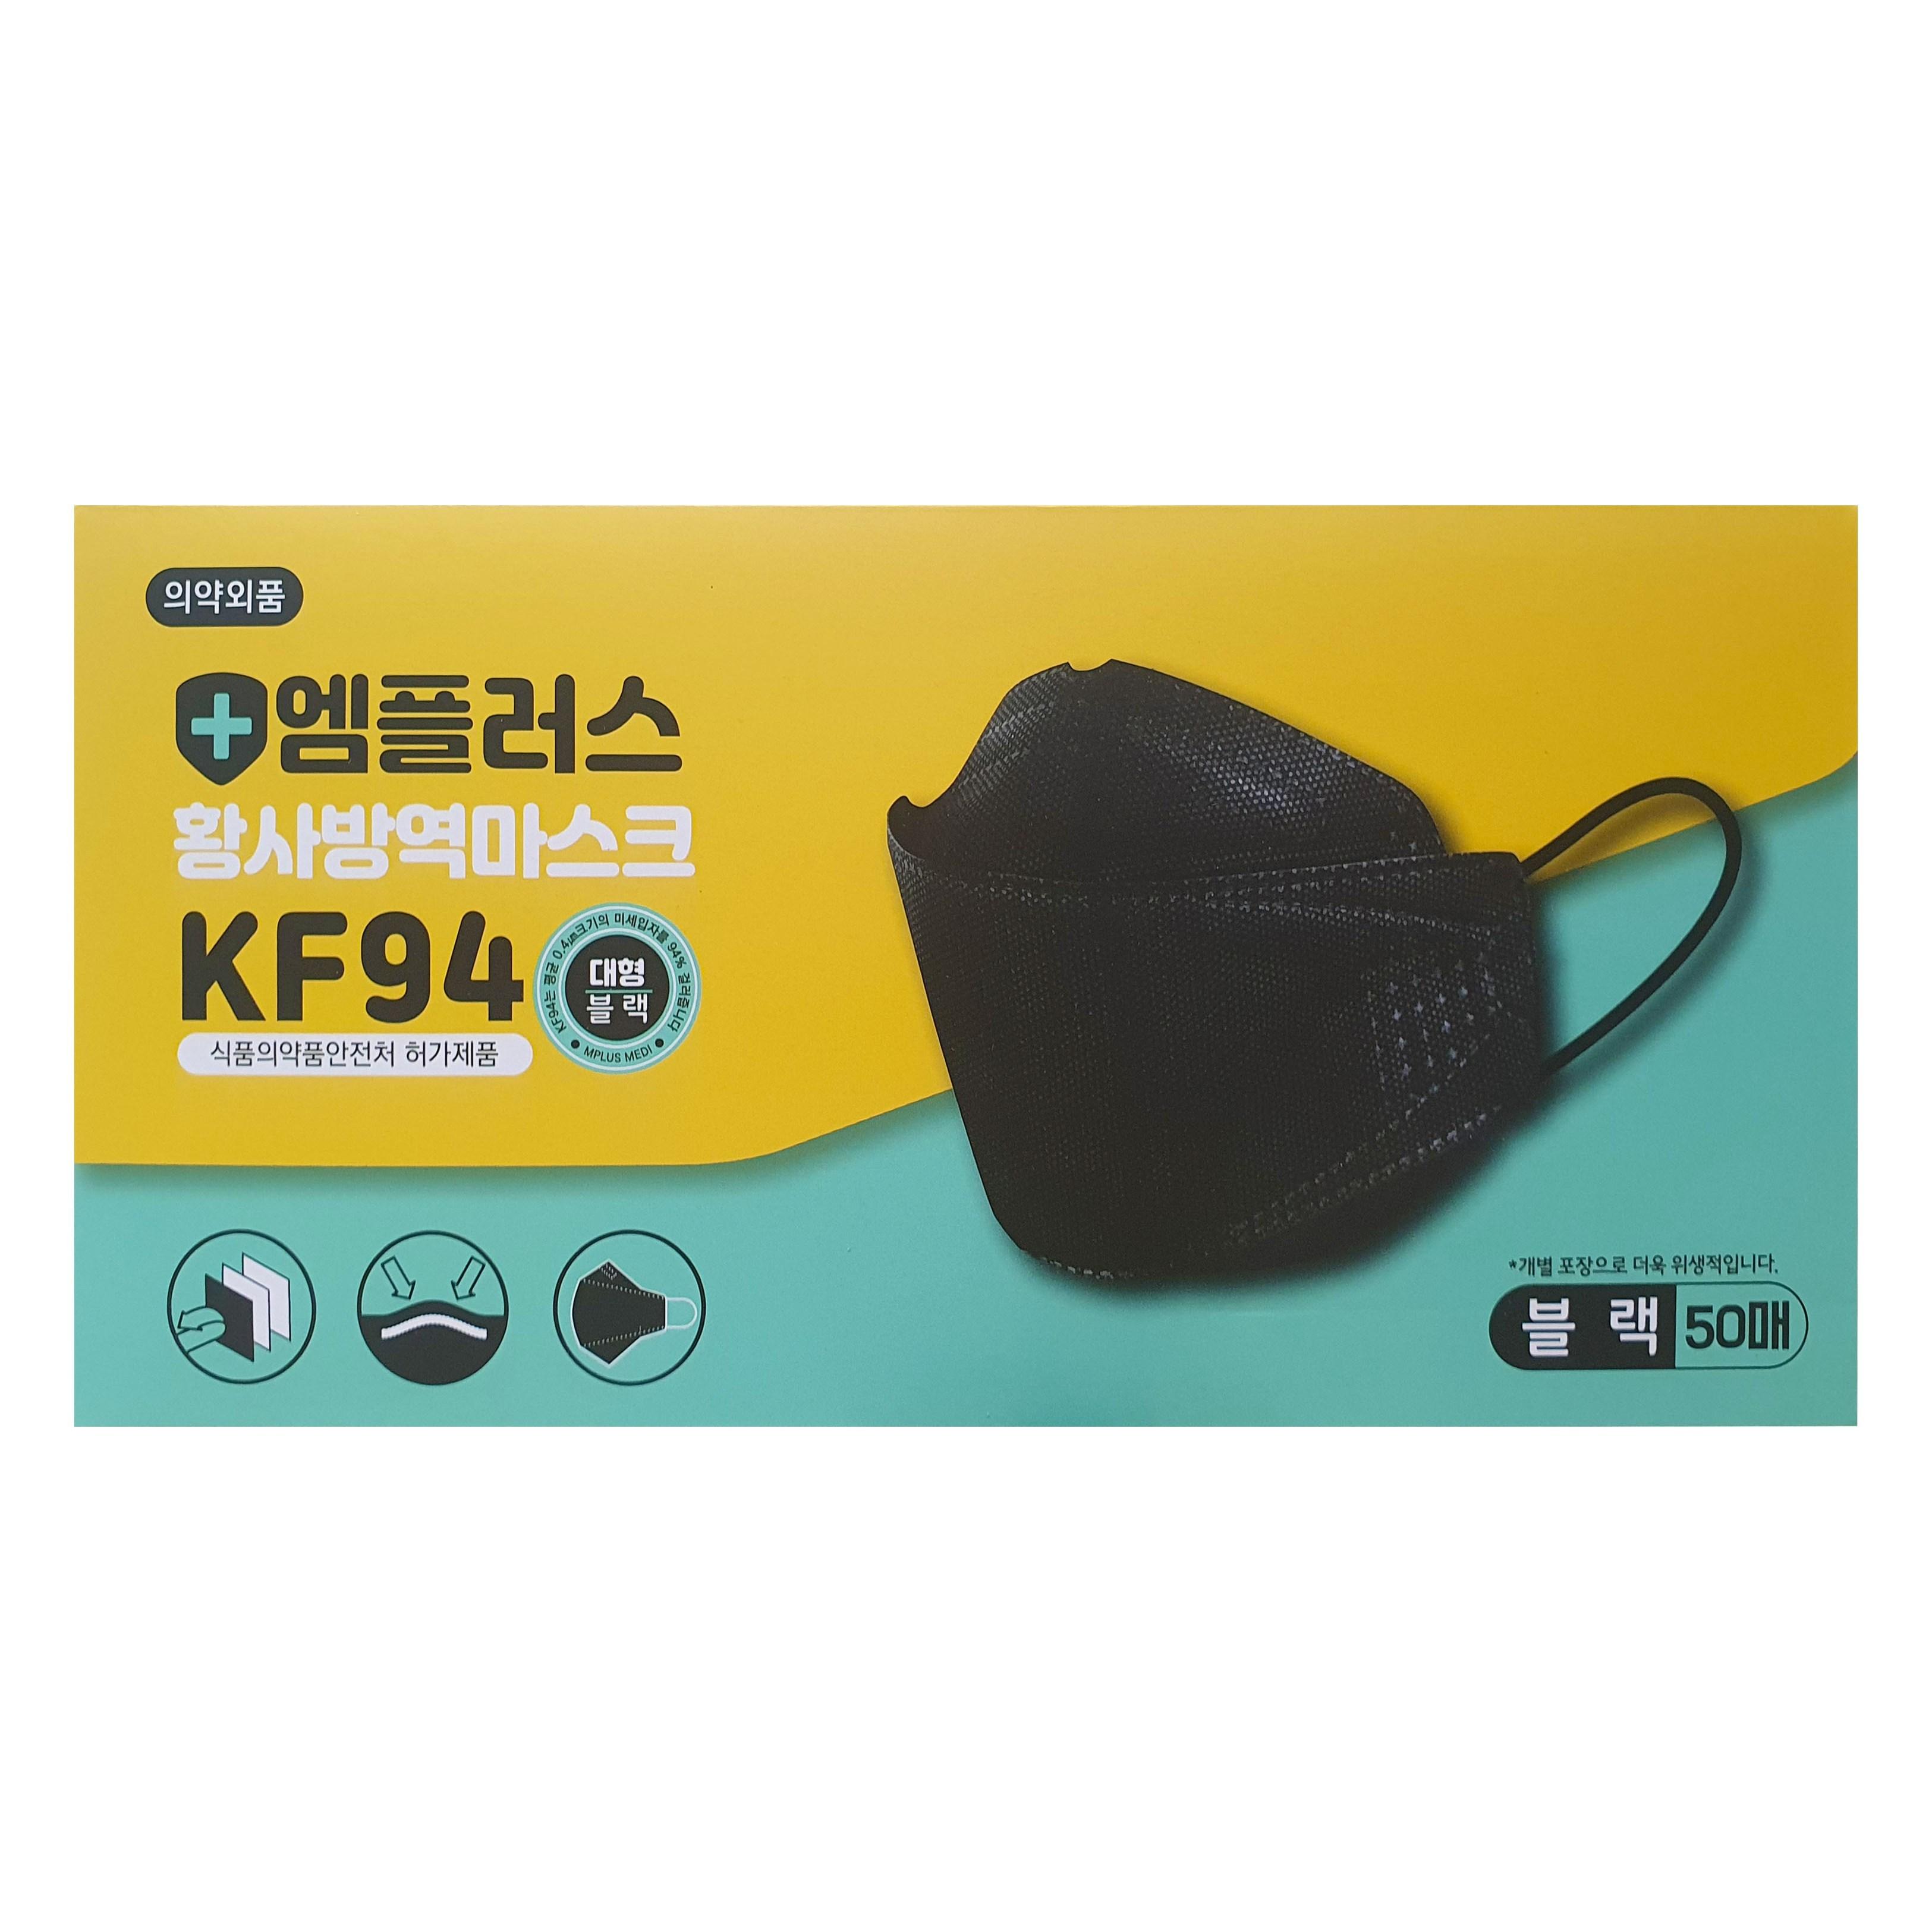 KF94 블랙 마스크 대형 50매 국산 개별포장 방역용, 50개입, 1개